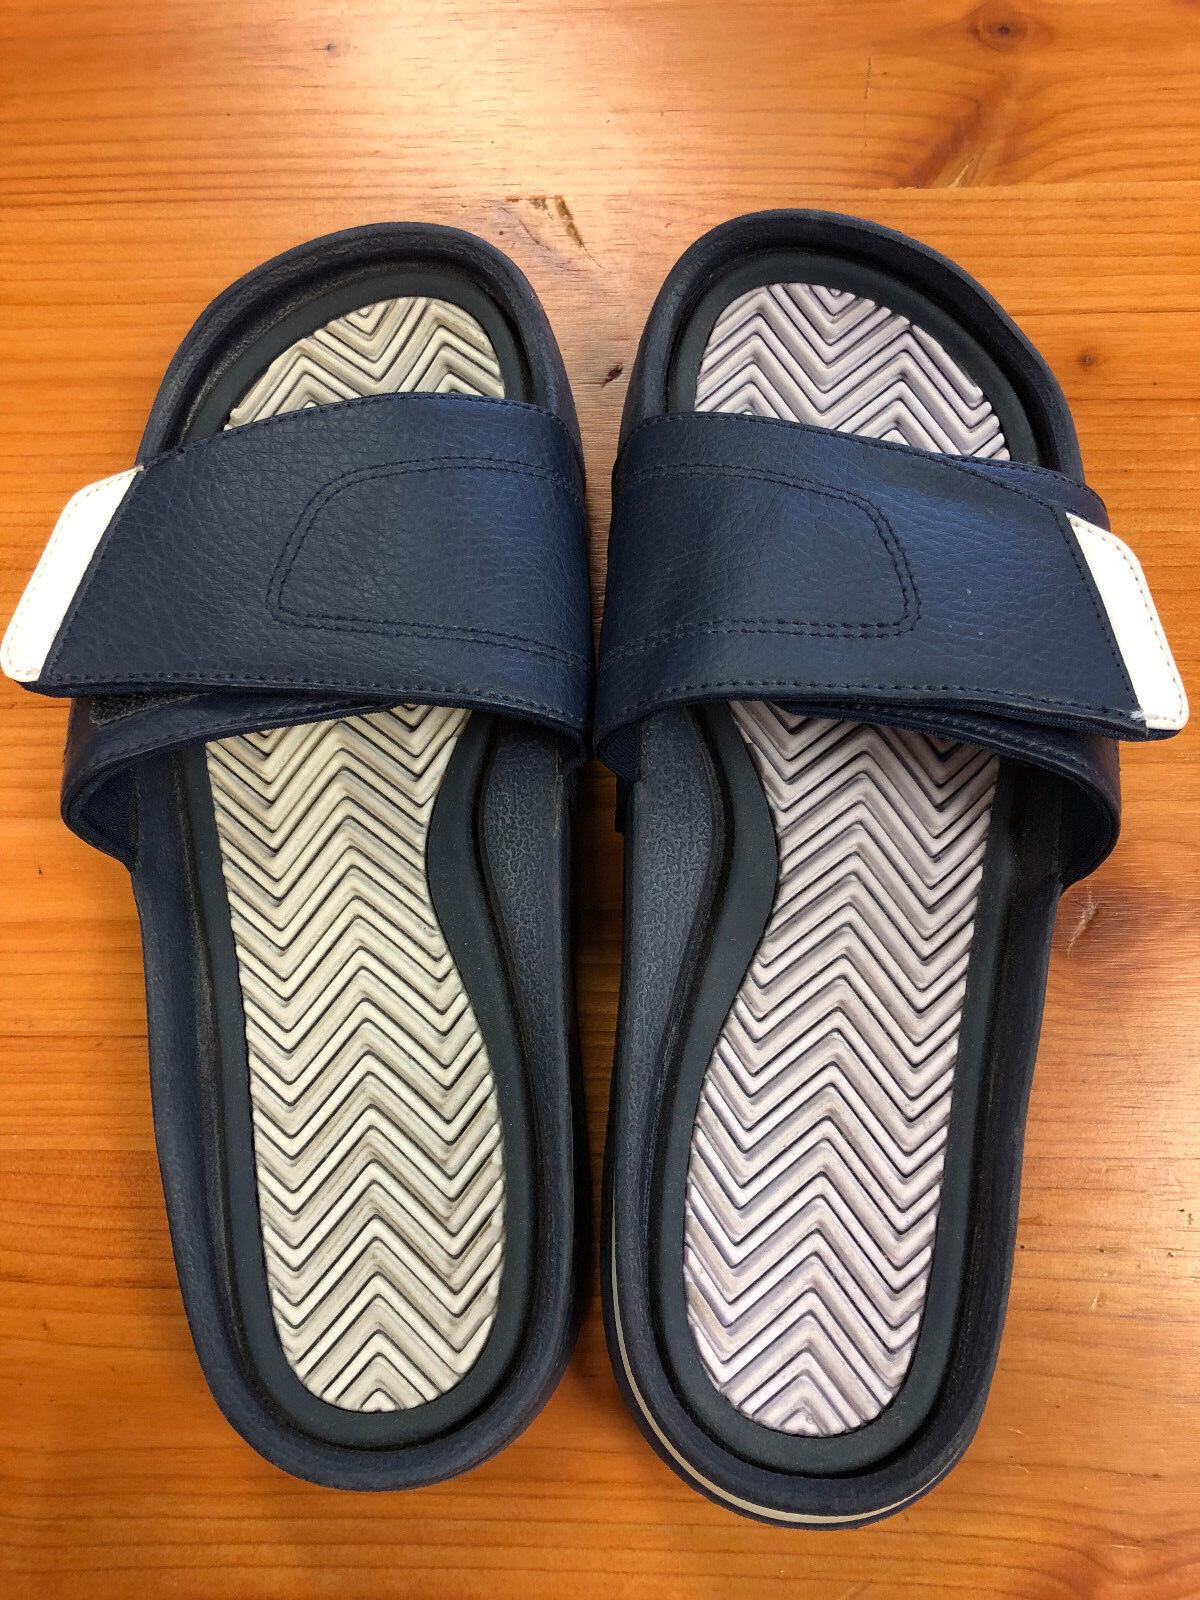 Men's Lacoste Sandals Size 7